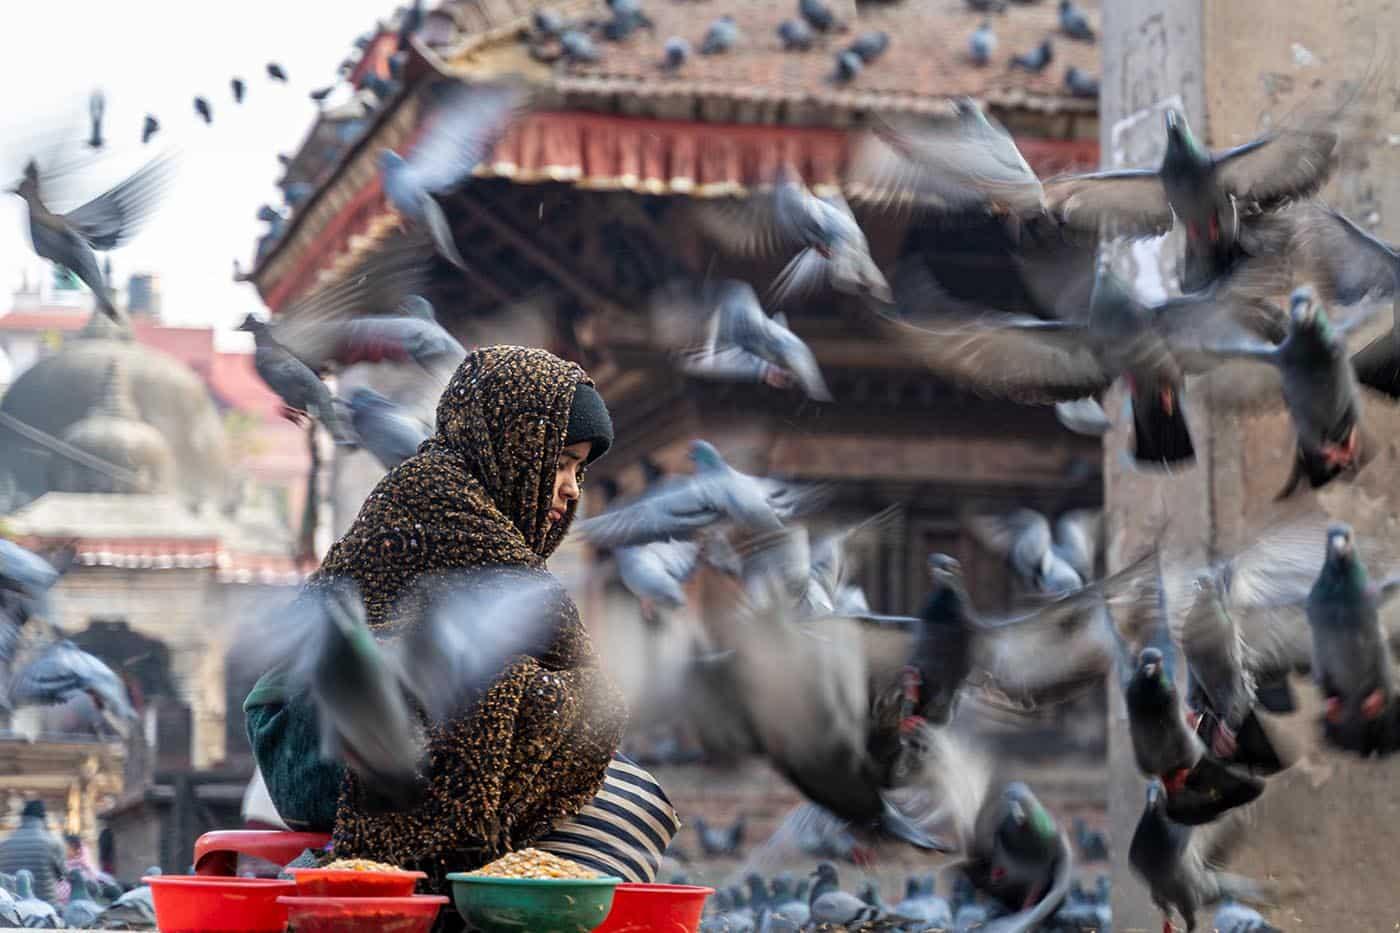 Urkunde: Girl and Pigeons | © Fred Eversmann